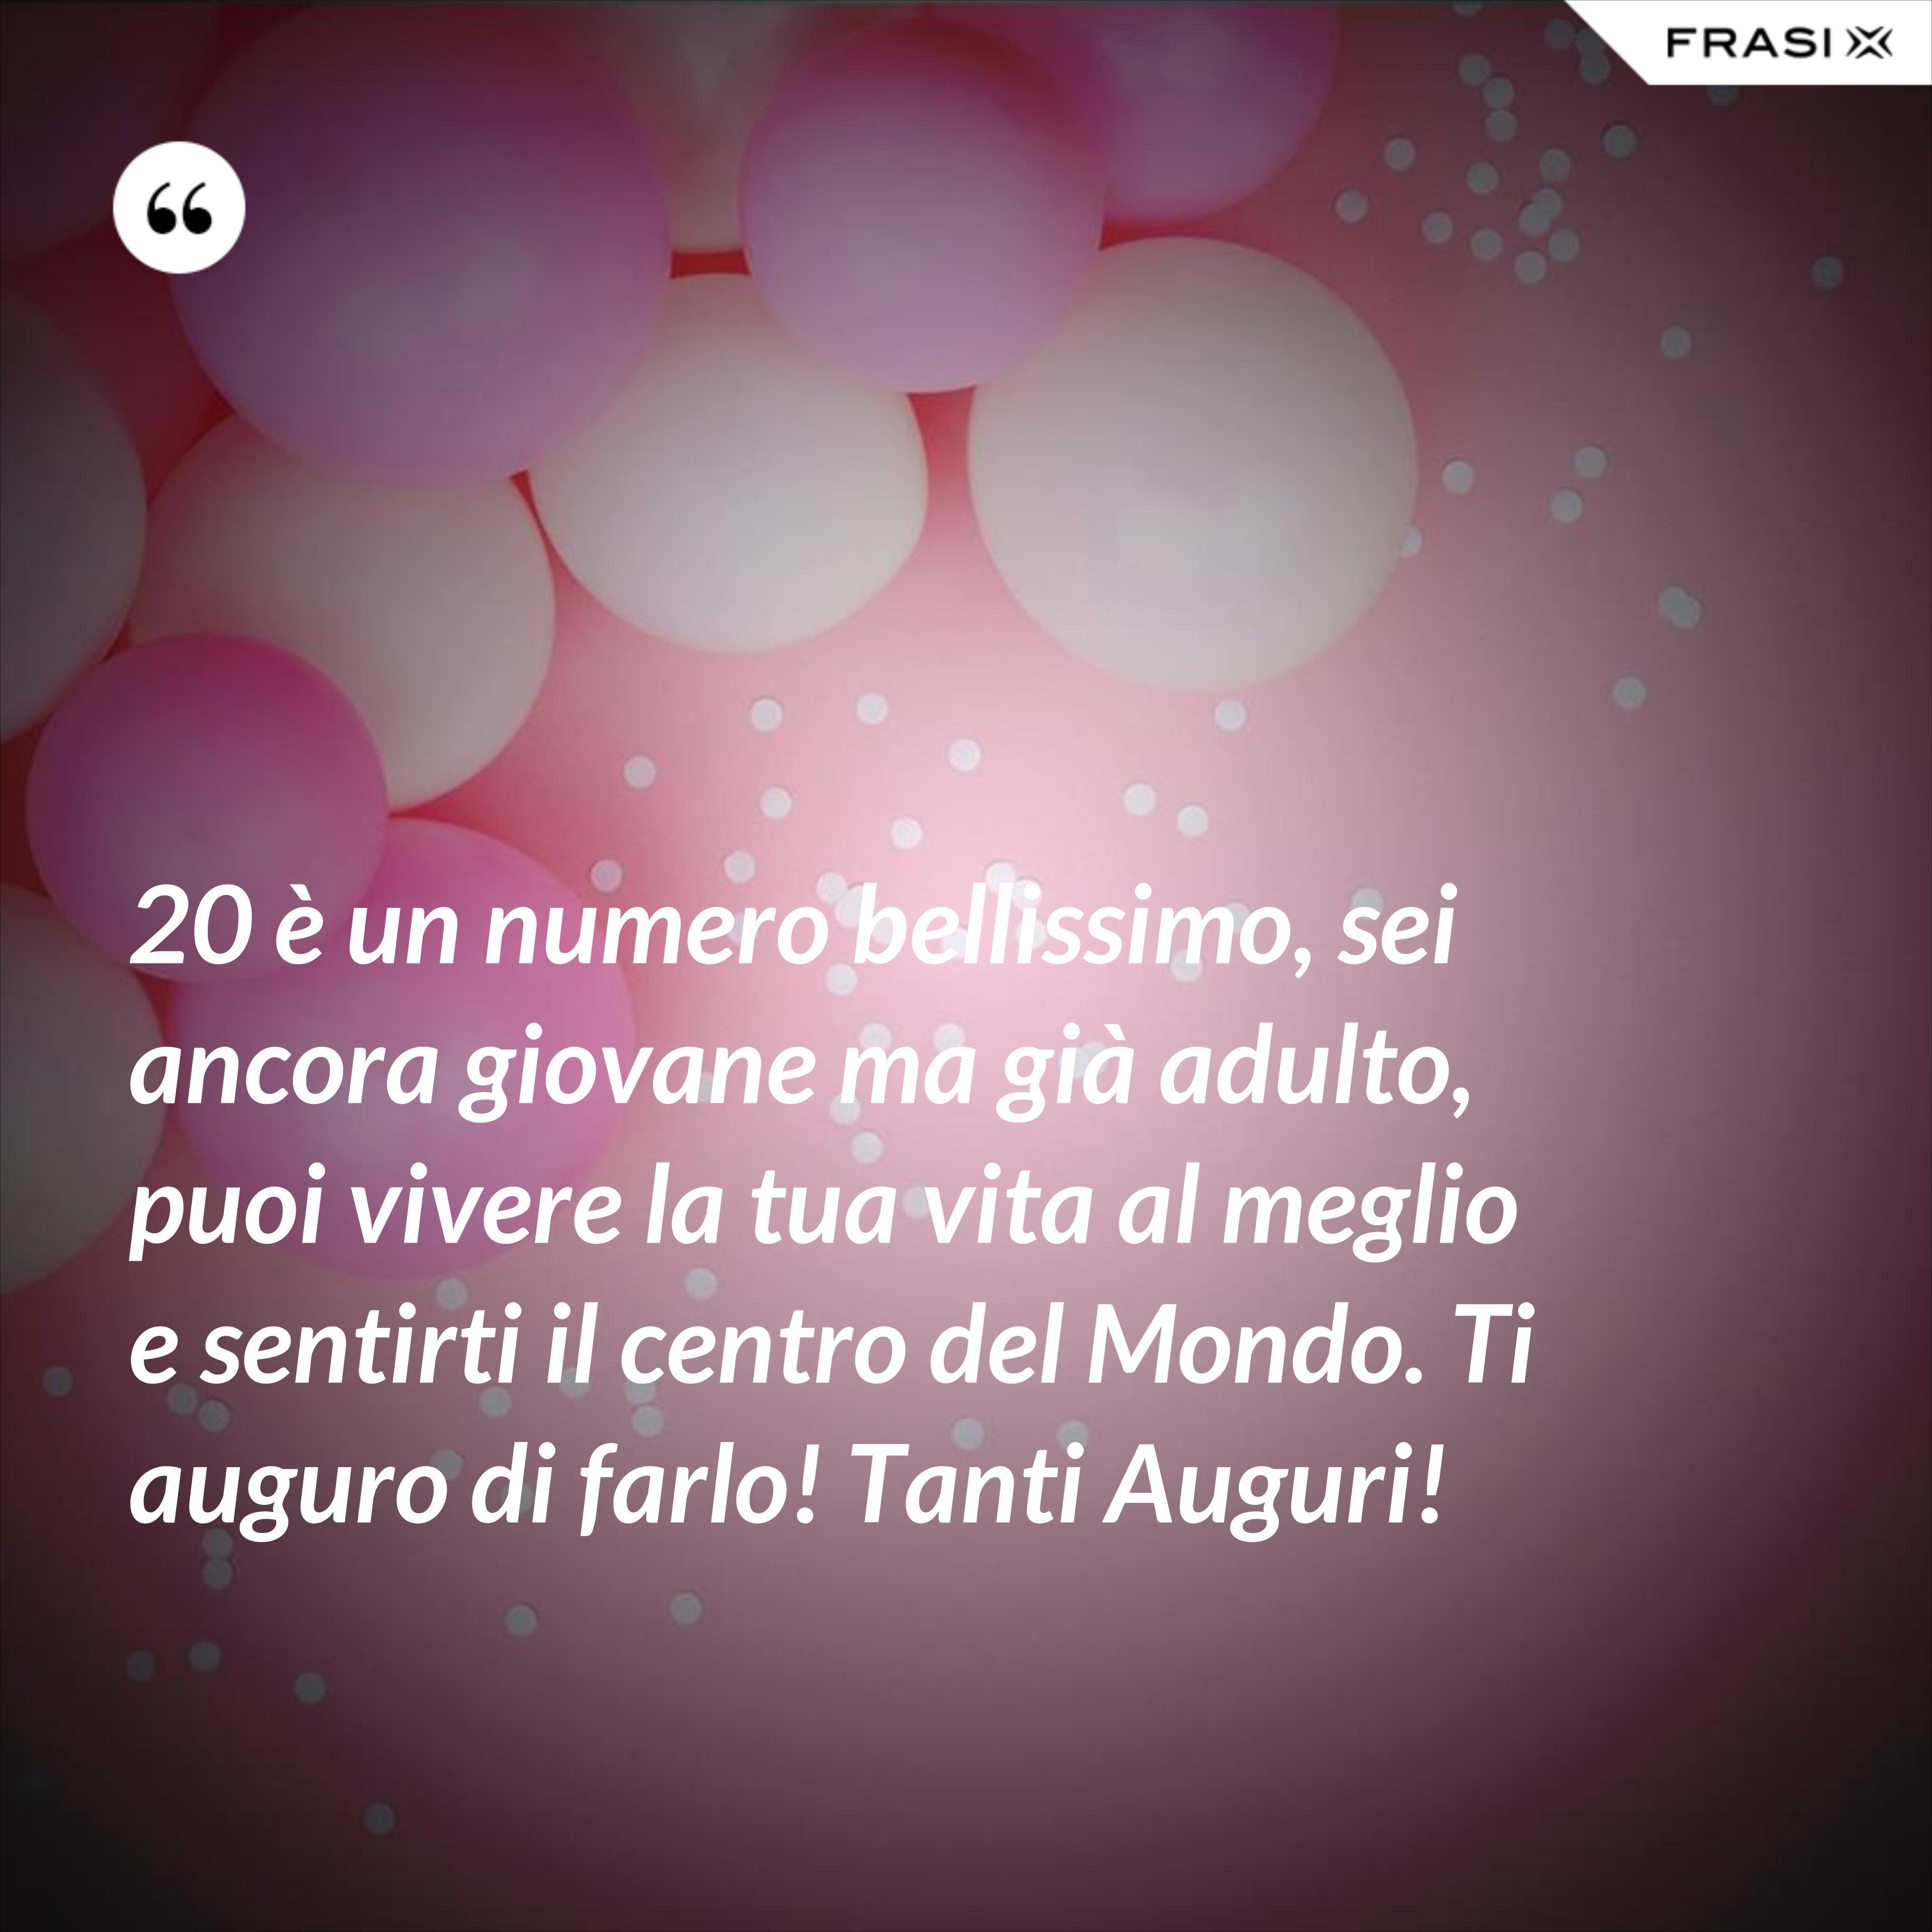 20 è un numero bellissimo, sei ancora giovane ma già adulto, puoi vivere la tua vita al meglio e sentirti il centro del Mondo. Ti auguro di farlo! Tanti Auguri! - Anonimo